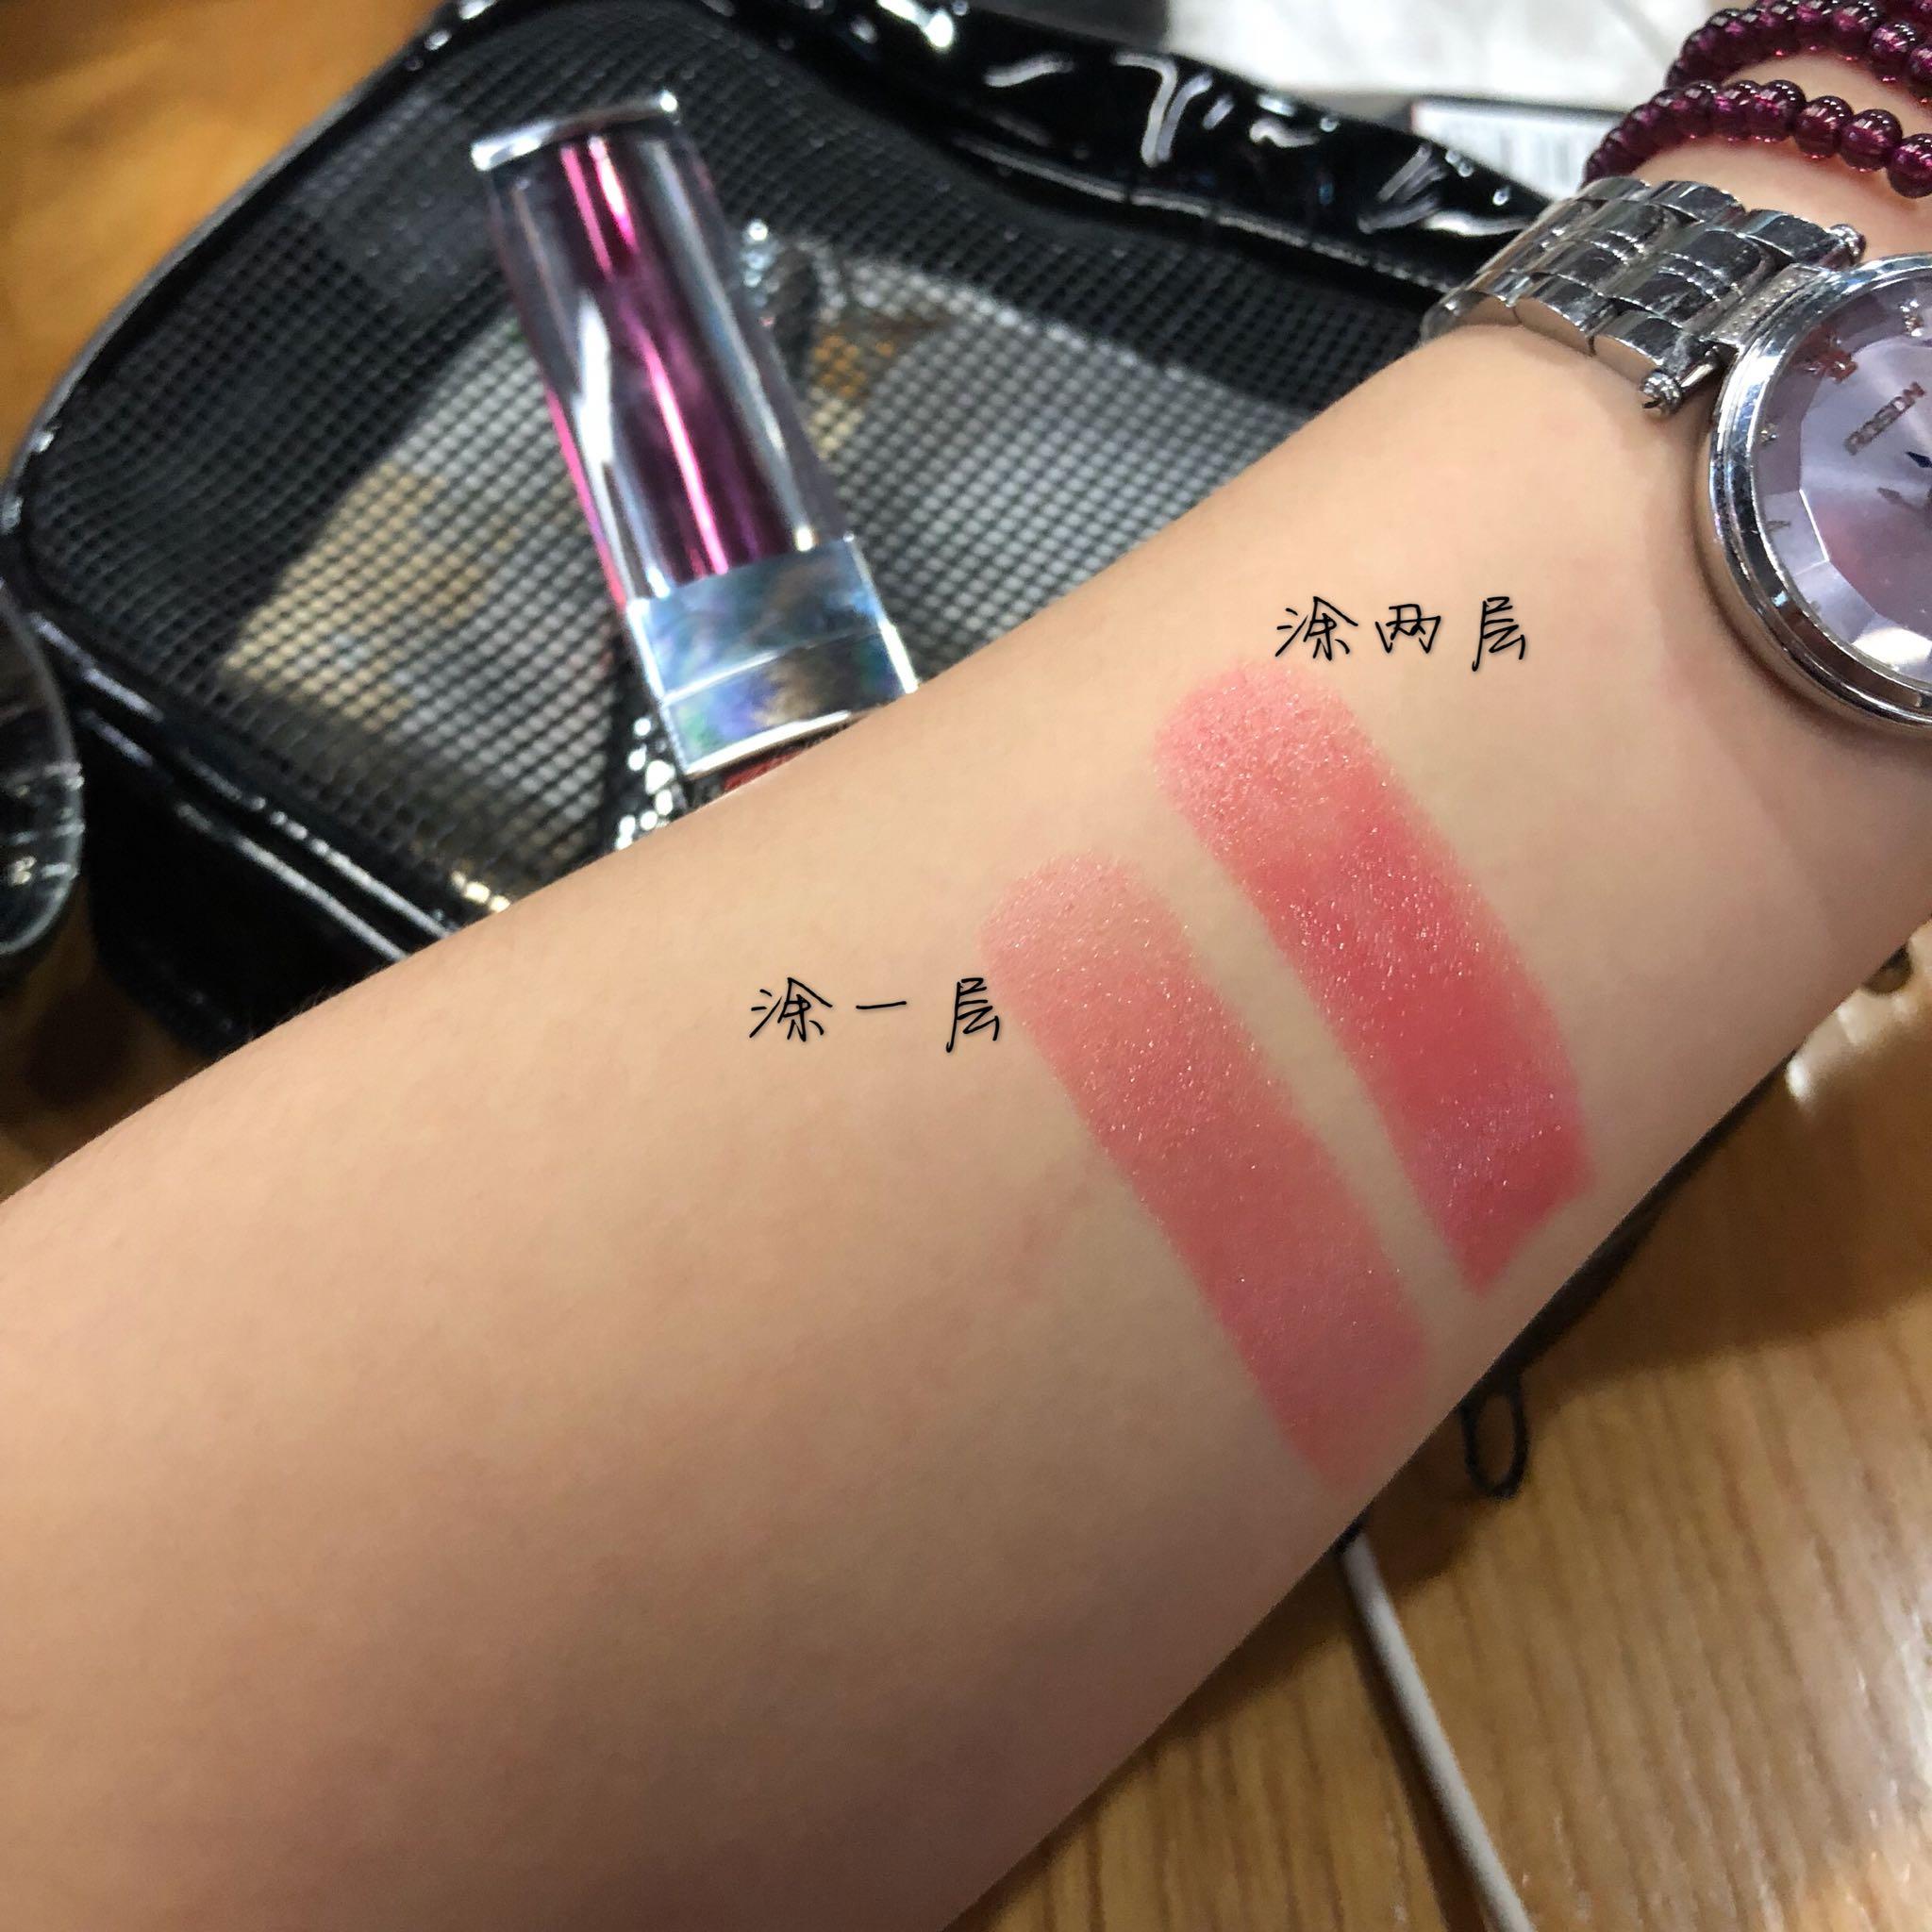 美宝莲小灯管唇膏#06试色——薄涂西柚色,厚涂水红色